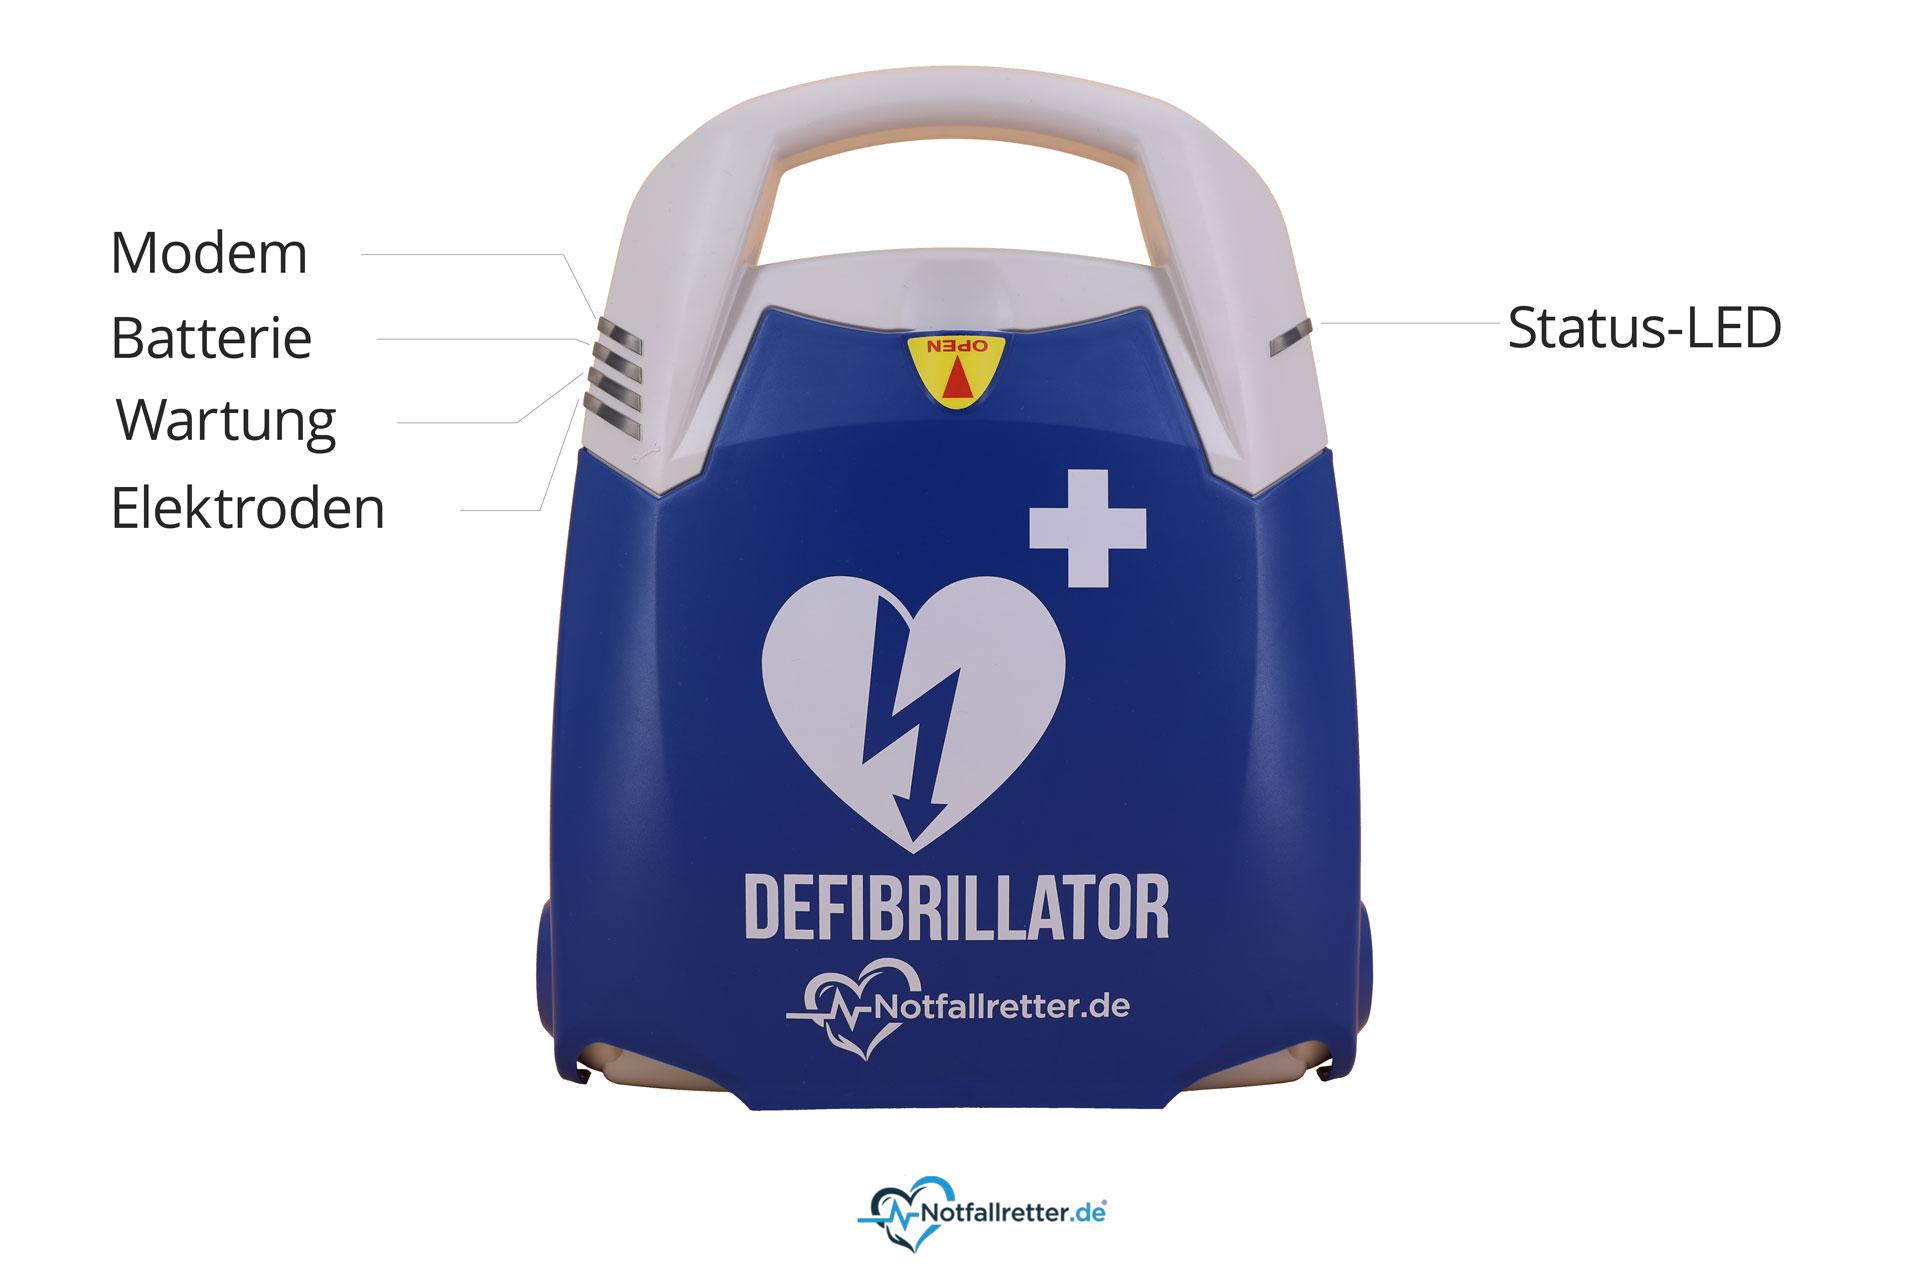 Notfallretter.de® Defibrillator AEDBasicmit vollautom. Schockauslösung, Autostart, AED-Set, Vollausstattung